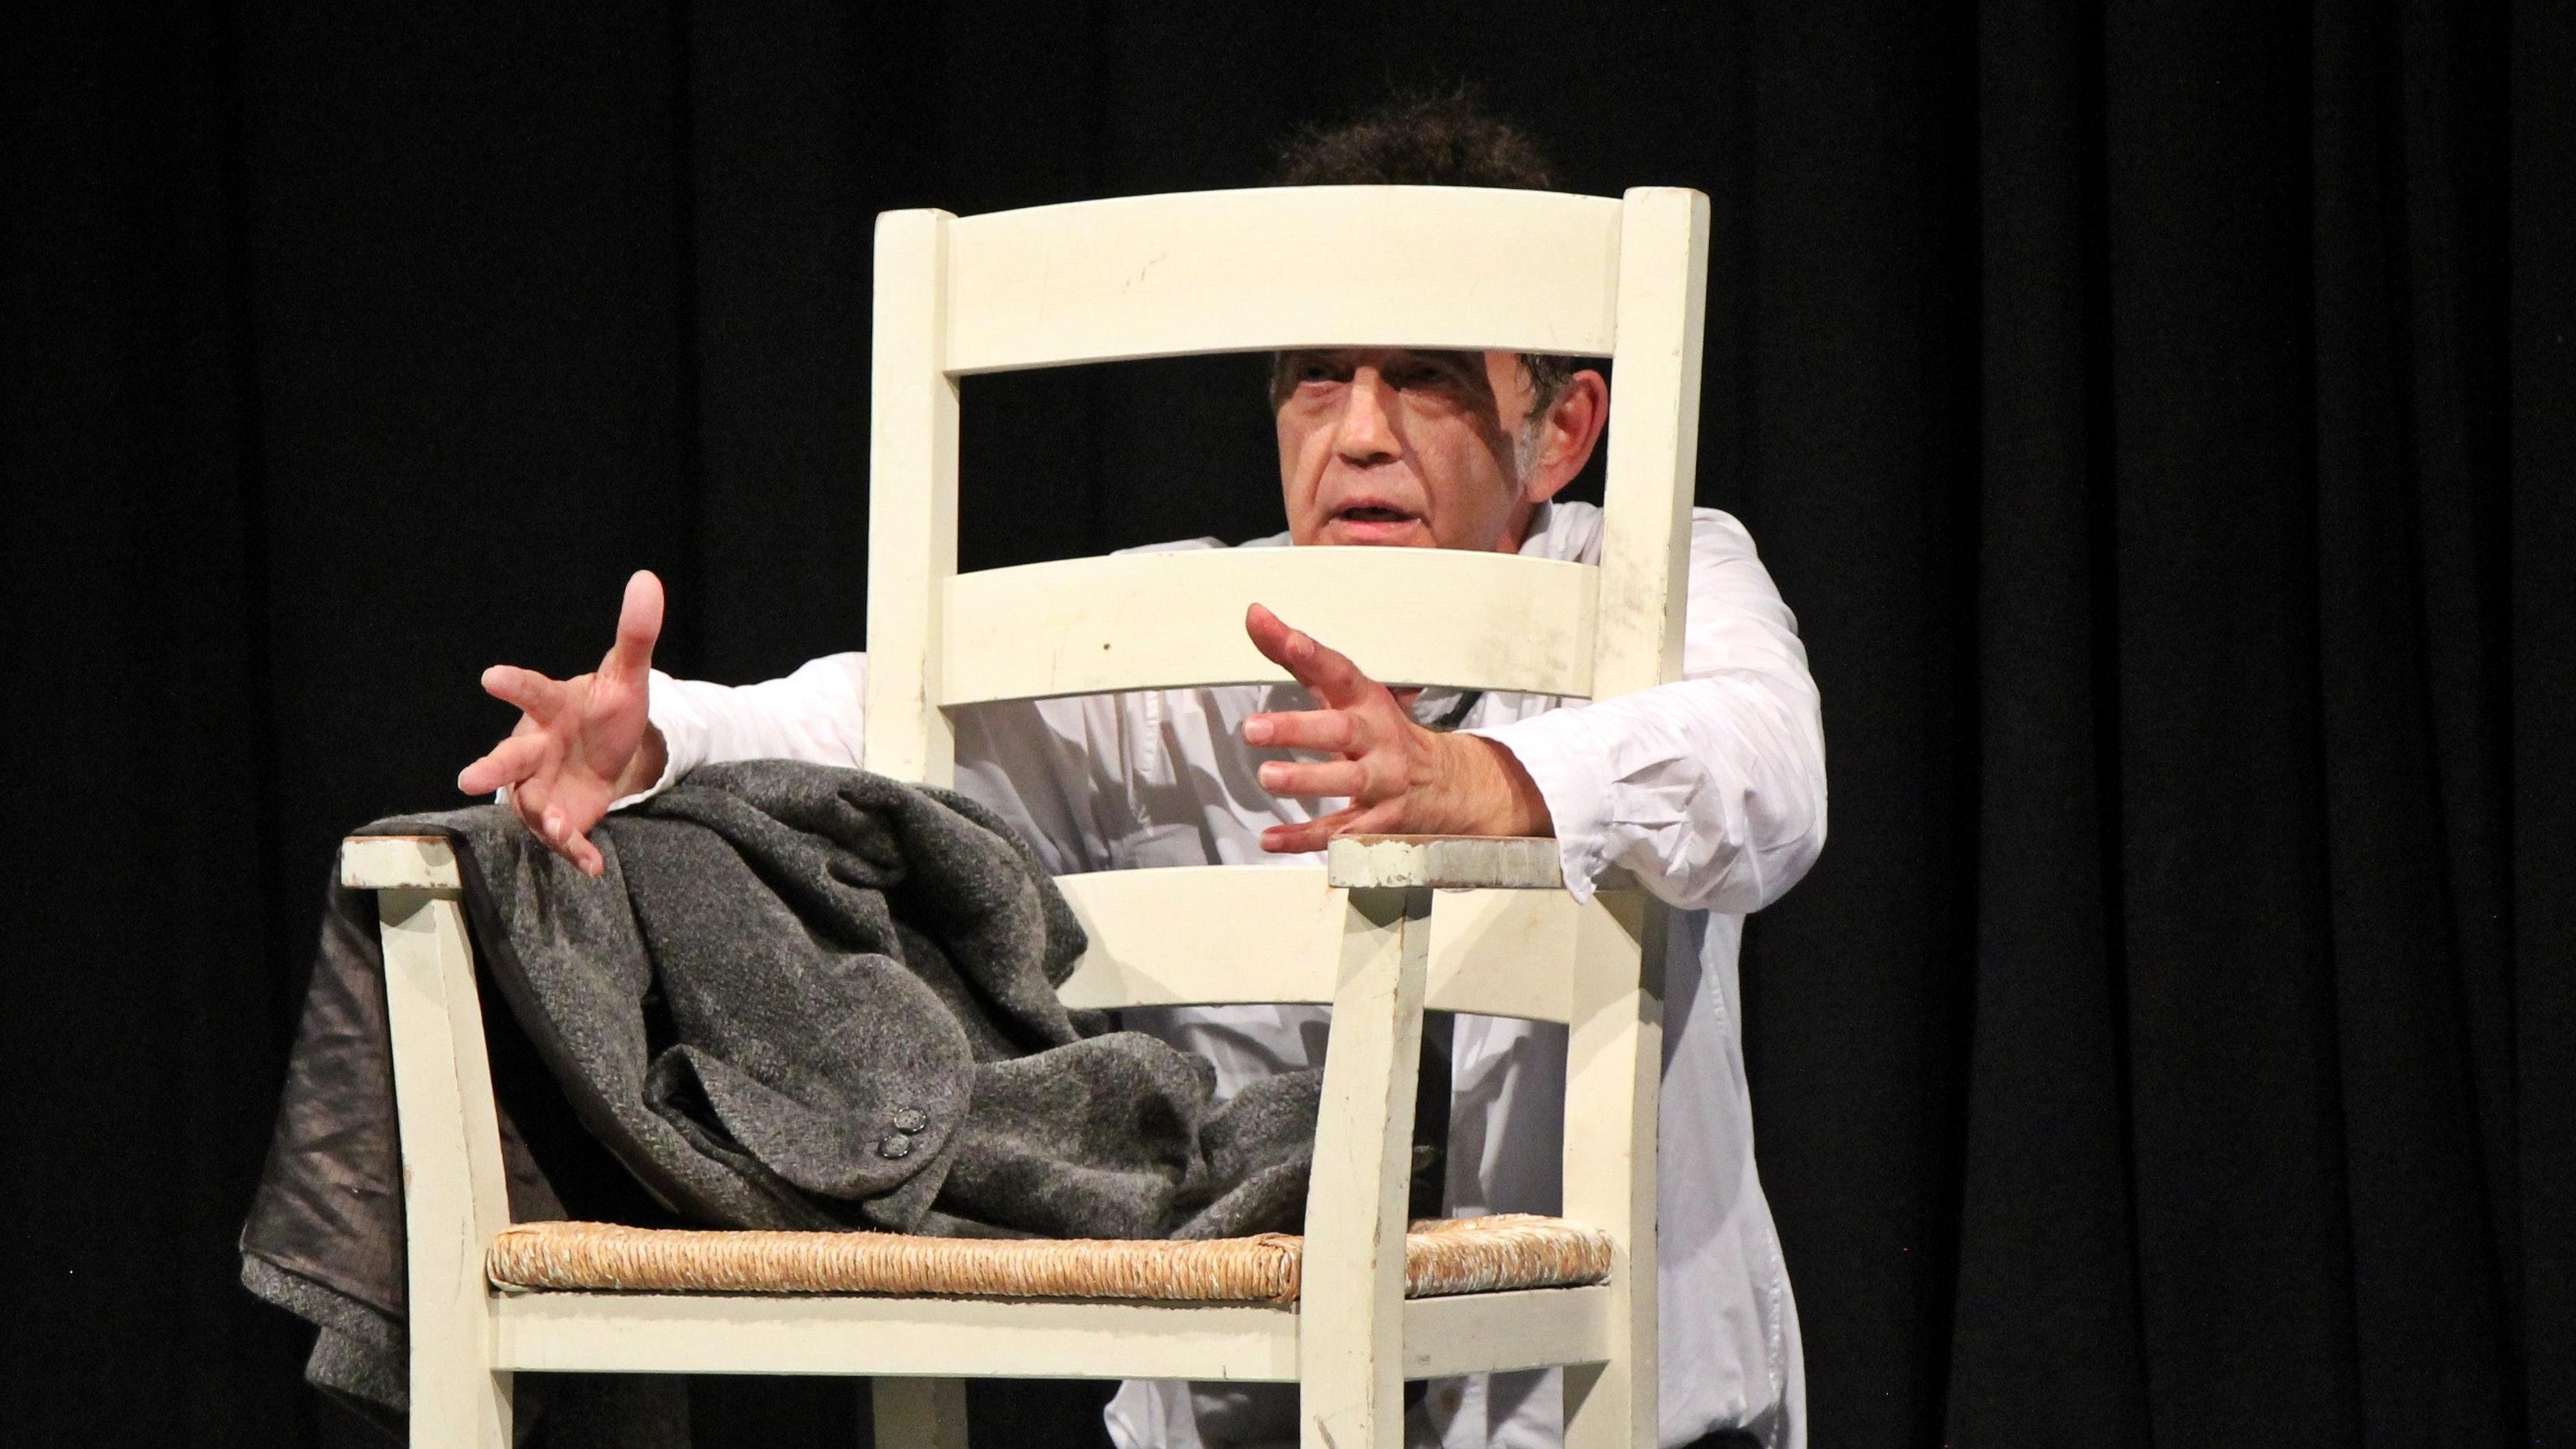 Überzeugend: Reinhard Gesse spielte mit viel Einfühlungsvermögen die Rolle des Missbrauchsopfers Kristian.  Foto: Oevermann